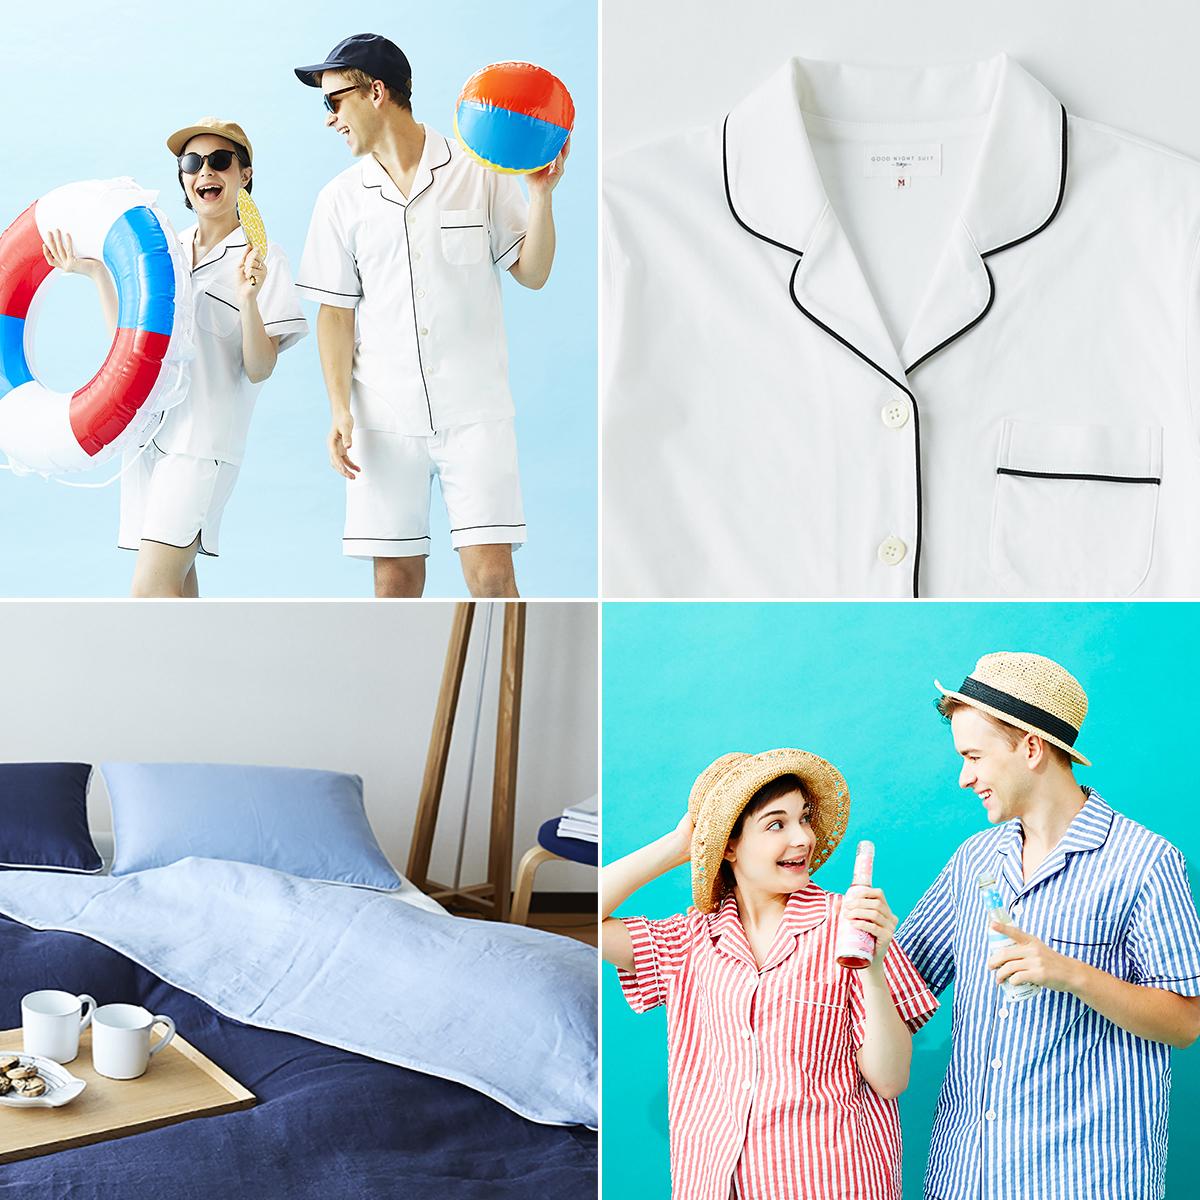 熟睡を誘う「半袖パジャマの選び方」